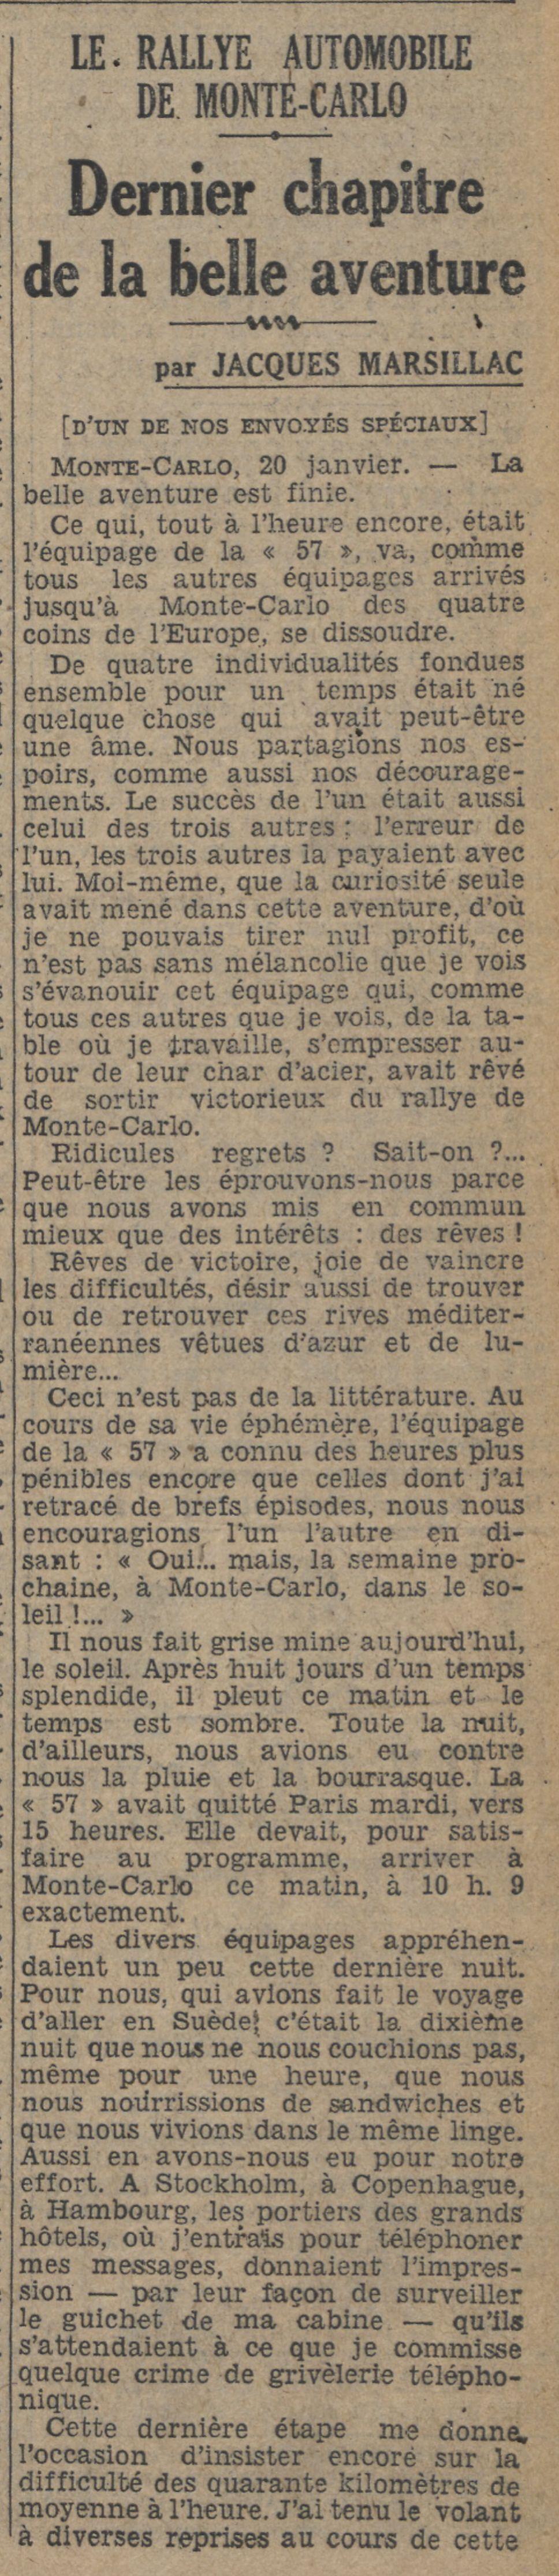 Un pilote Licorne : HECTOR PETIT - Page 2 Le_jou72